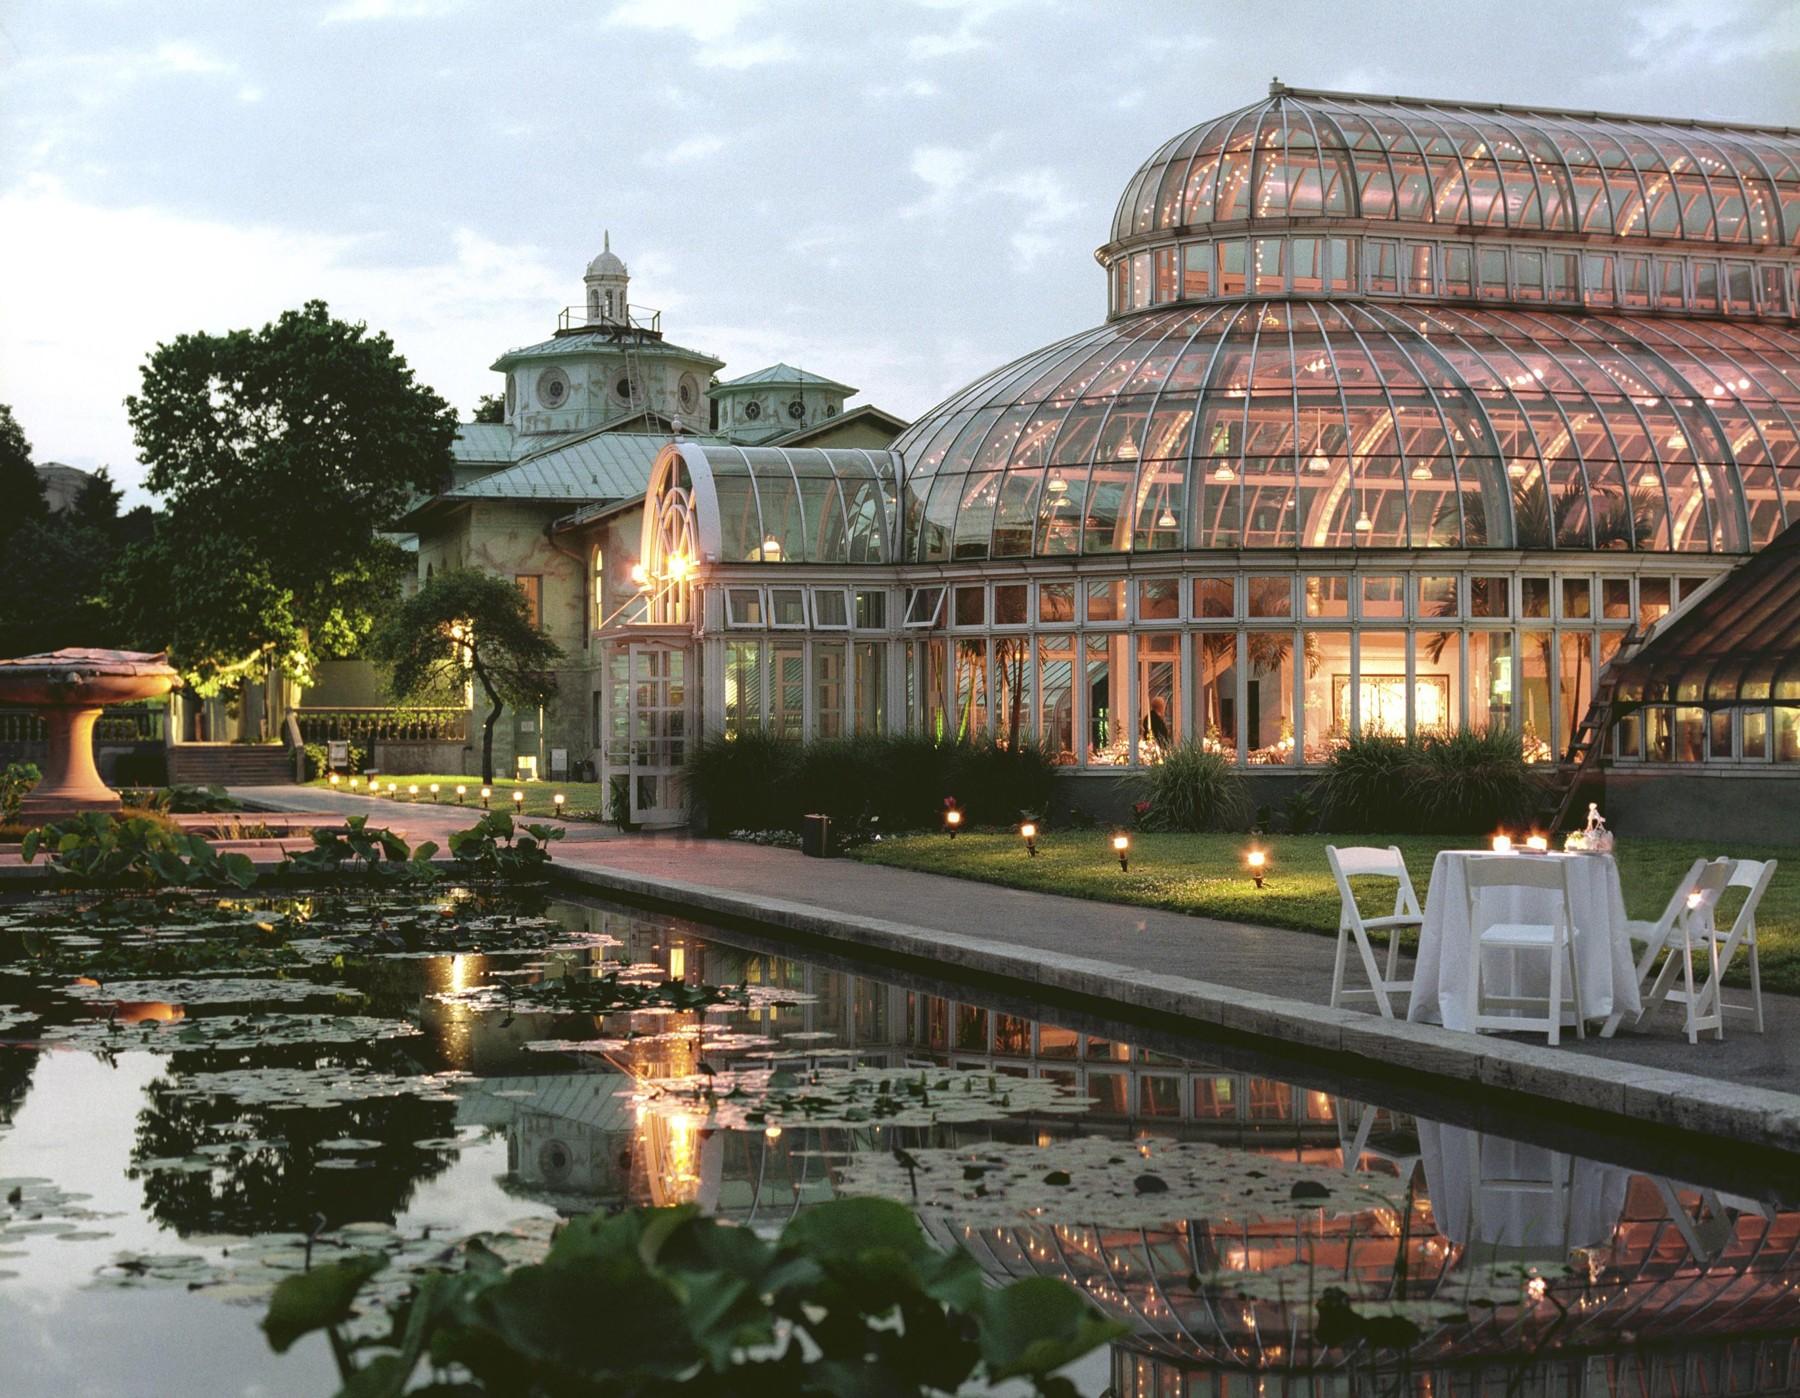 Merveilleux Prospect Park Botanical Garden Hd Photo